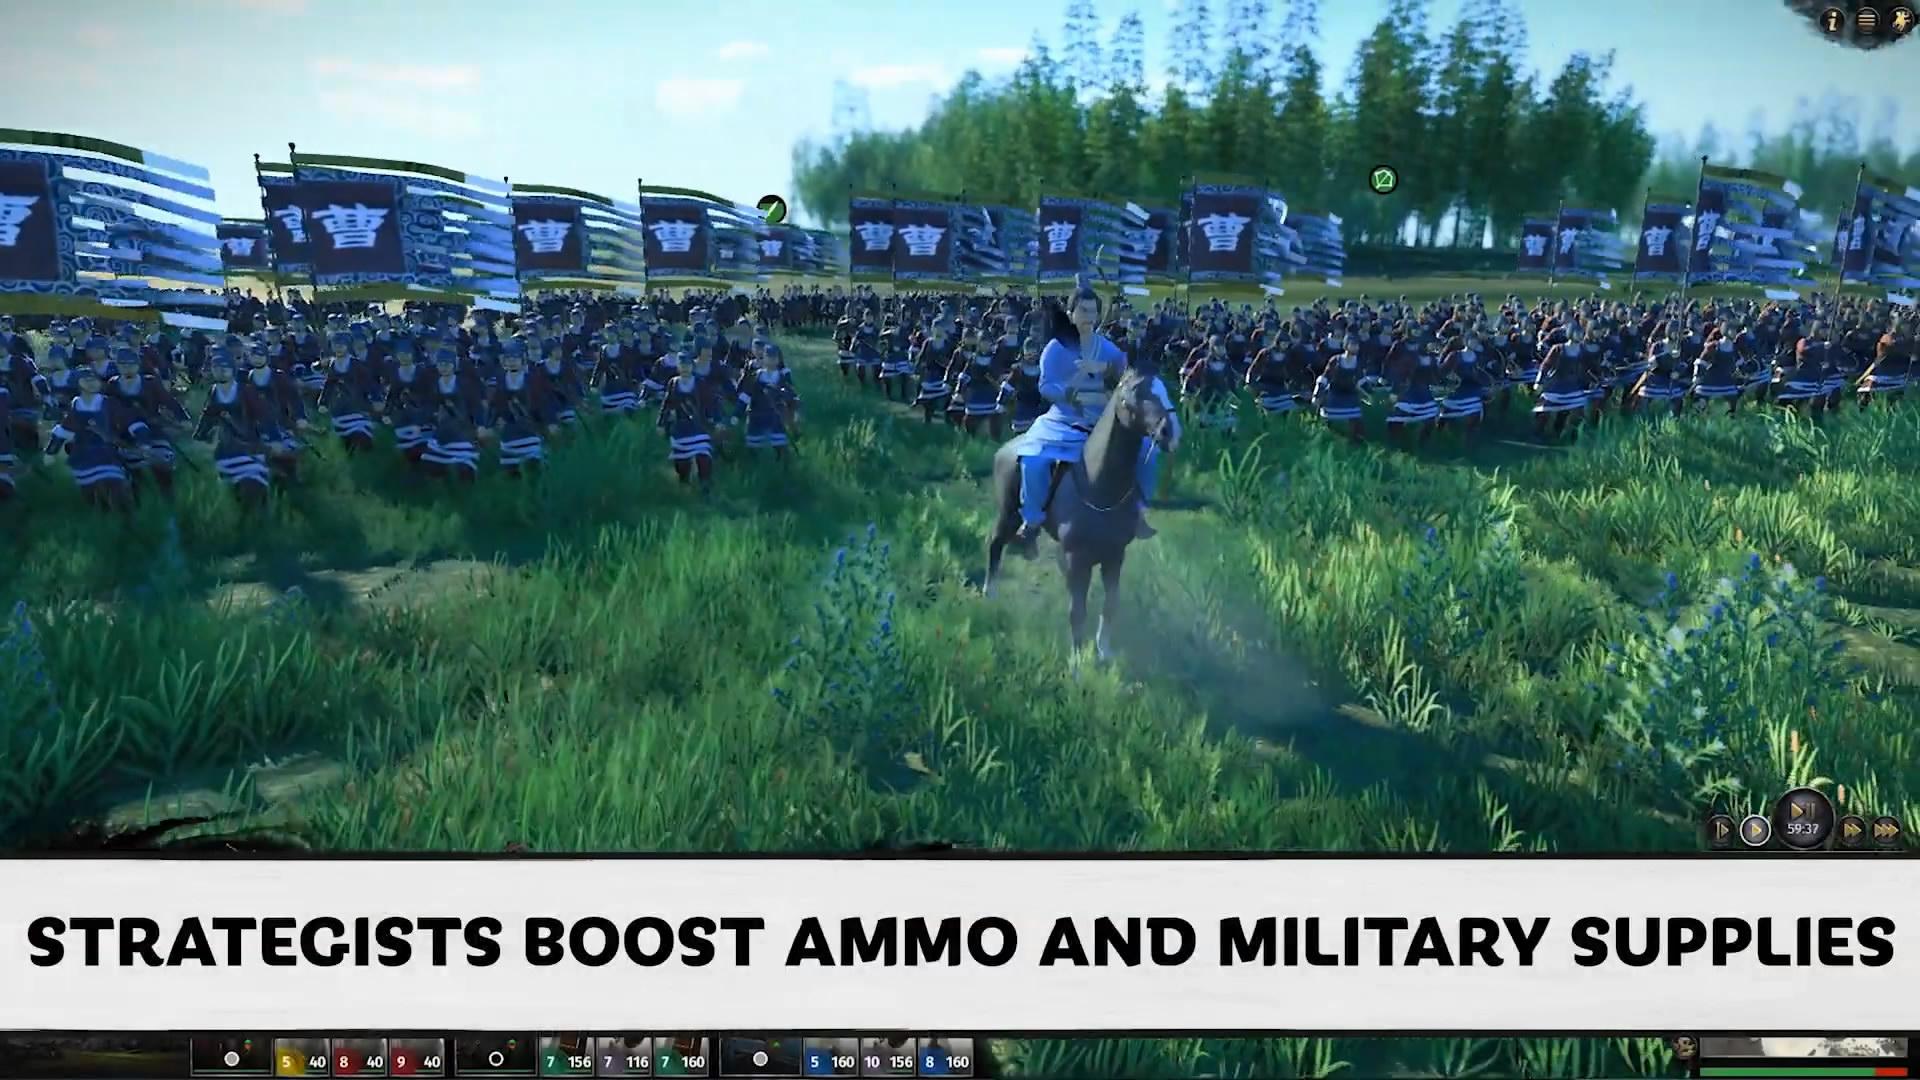 《全面戰爭:三國》新視頻 三大戰斗策略讓你輕松對敵